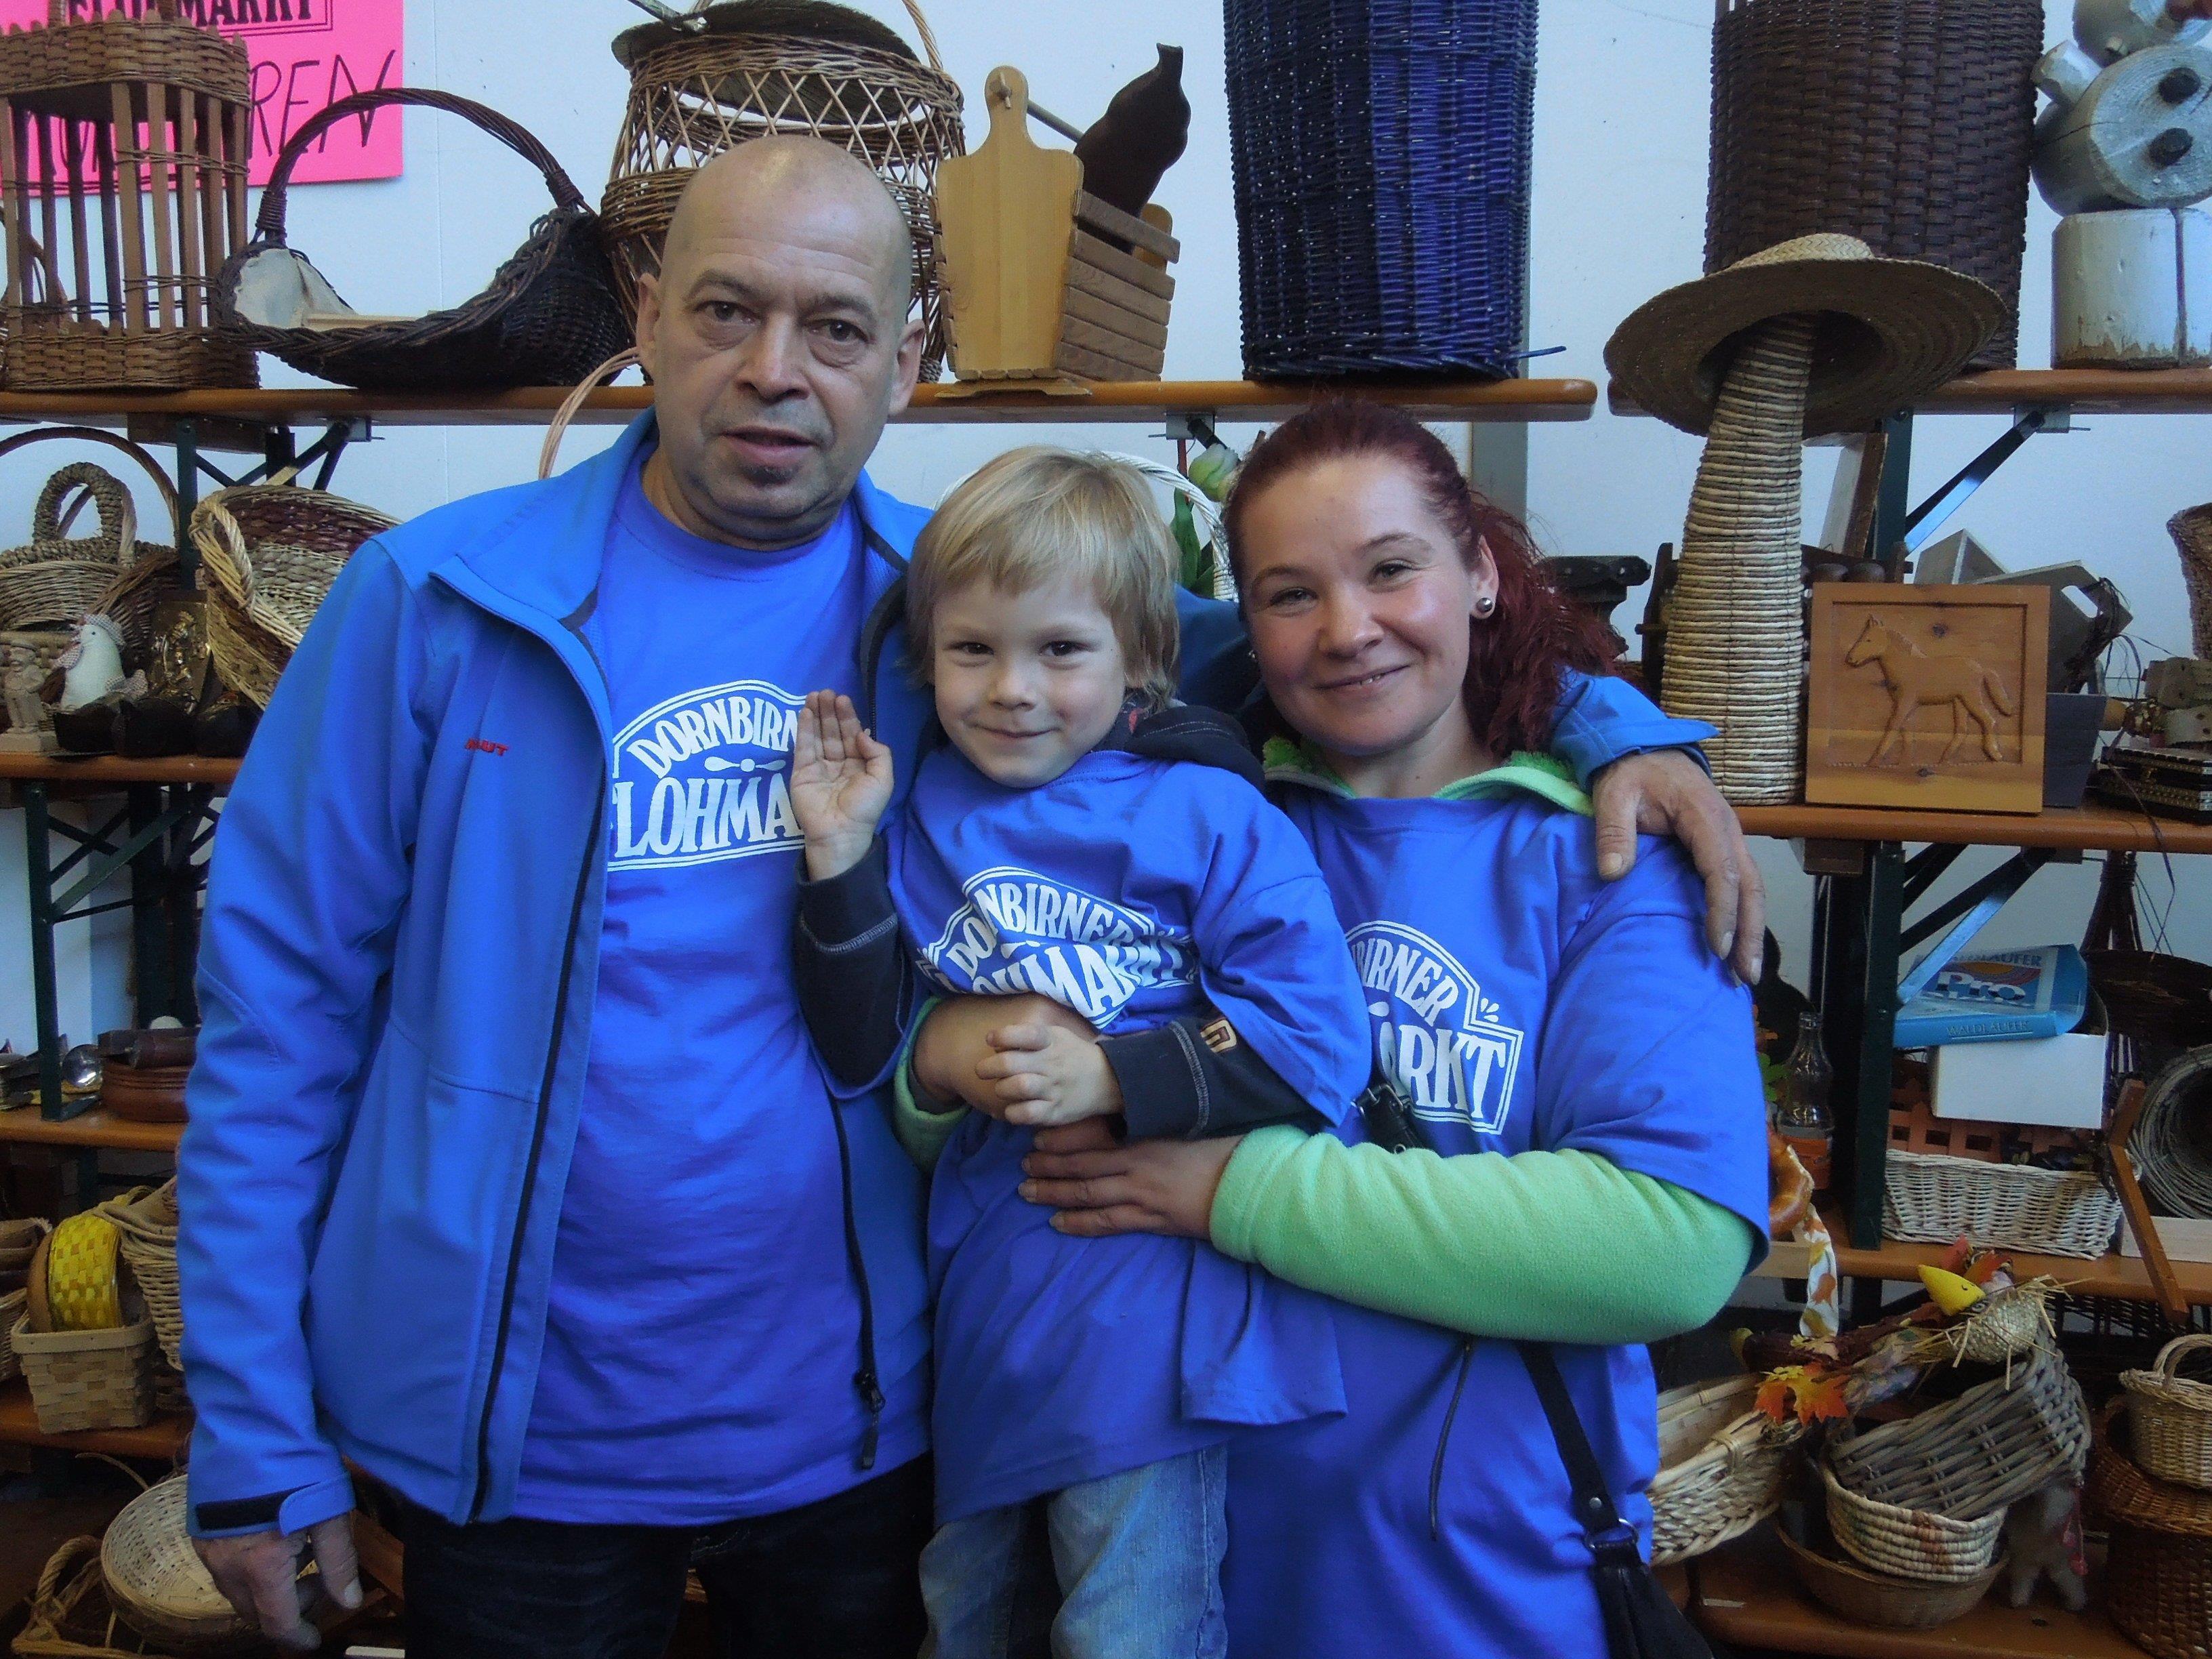 Jung und Alt sind für den Dornbirner Flohmarkt wieder im Einsatz und freuen sich über Unterstützung in Form von schönen Sachspenden.